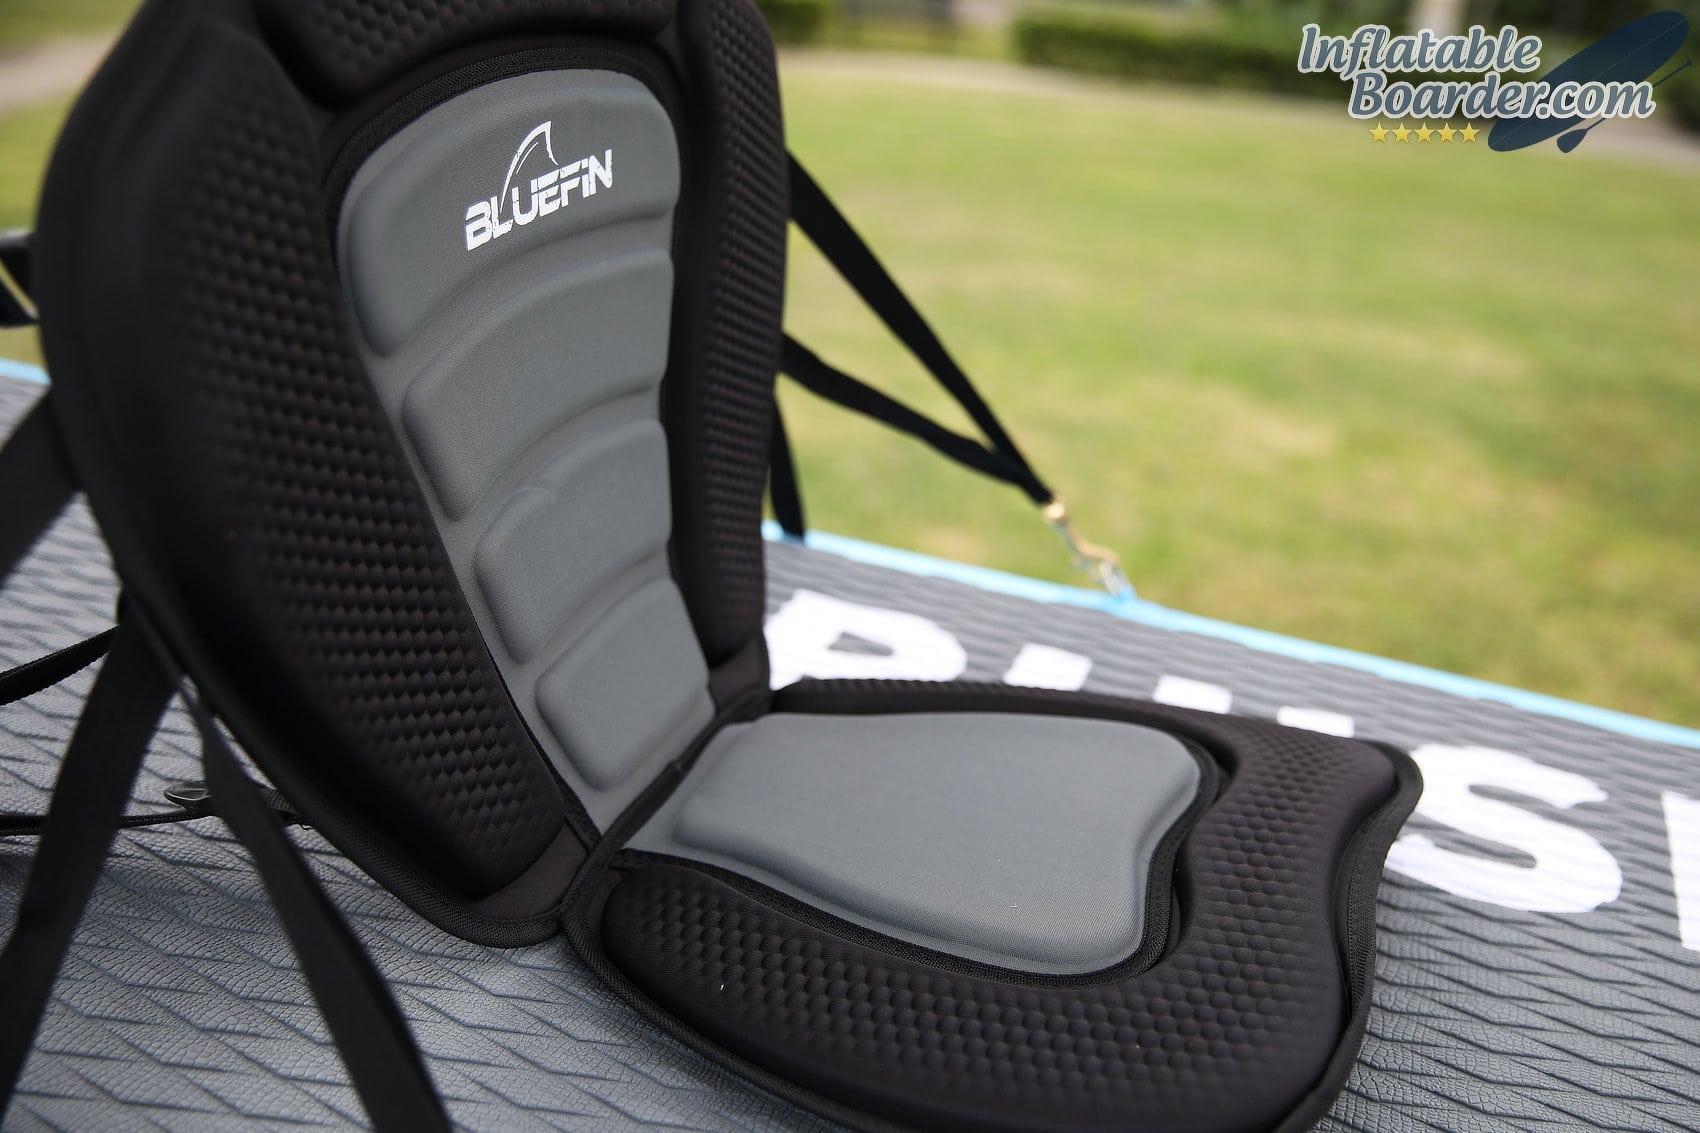 Bluefin Kayak Seat Kit